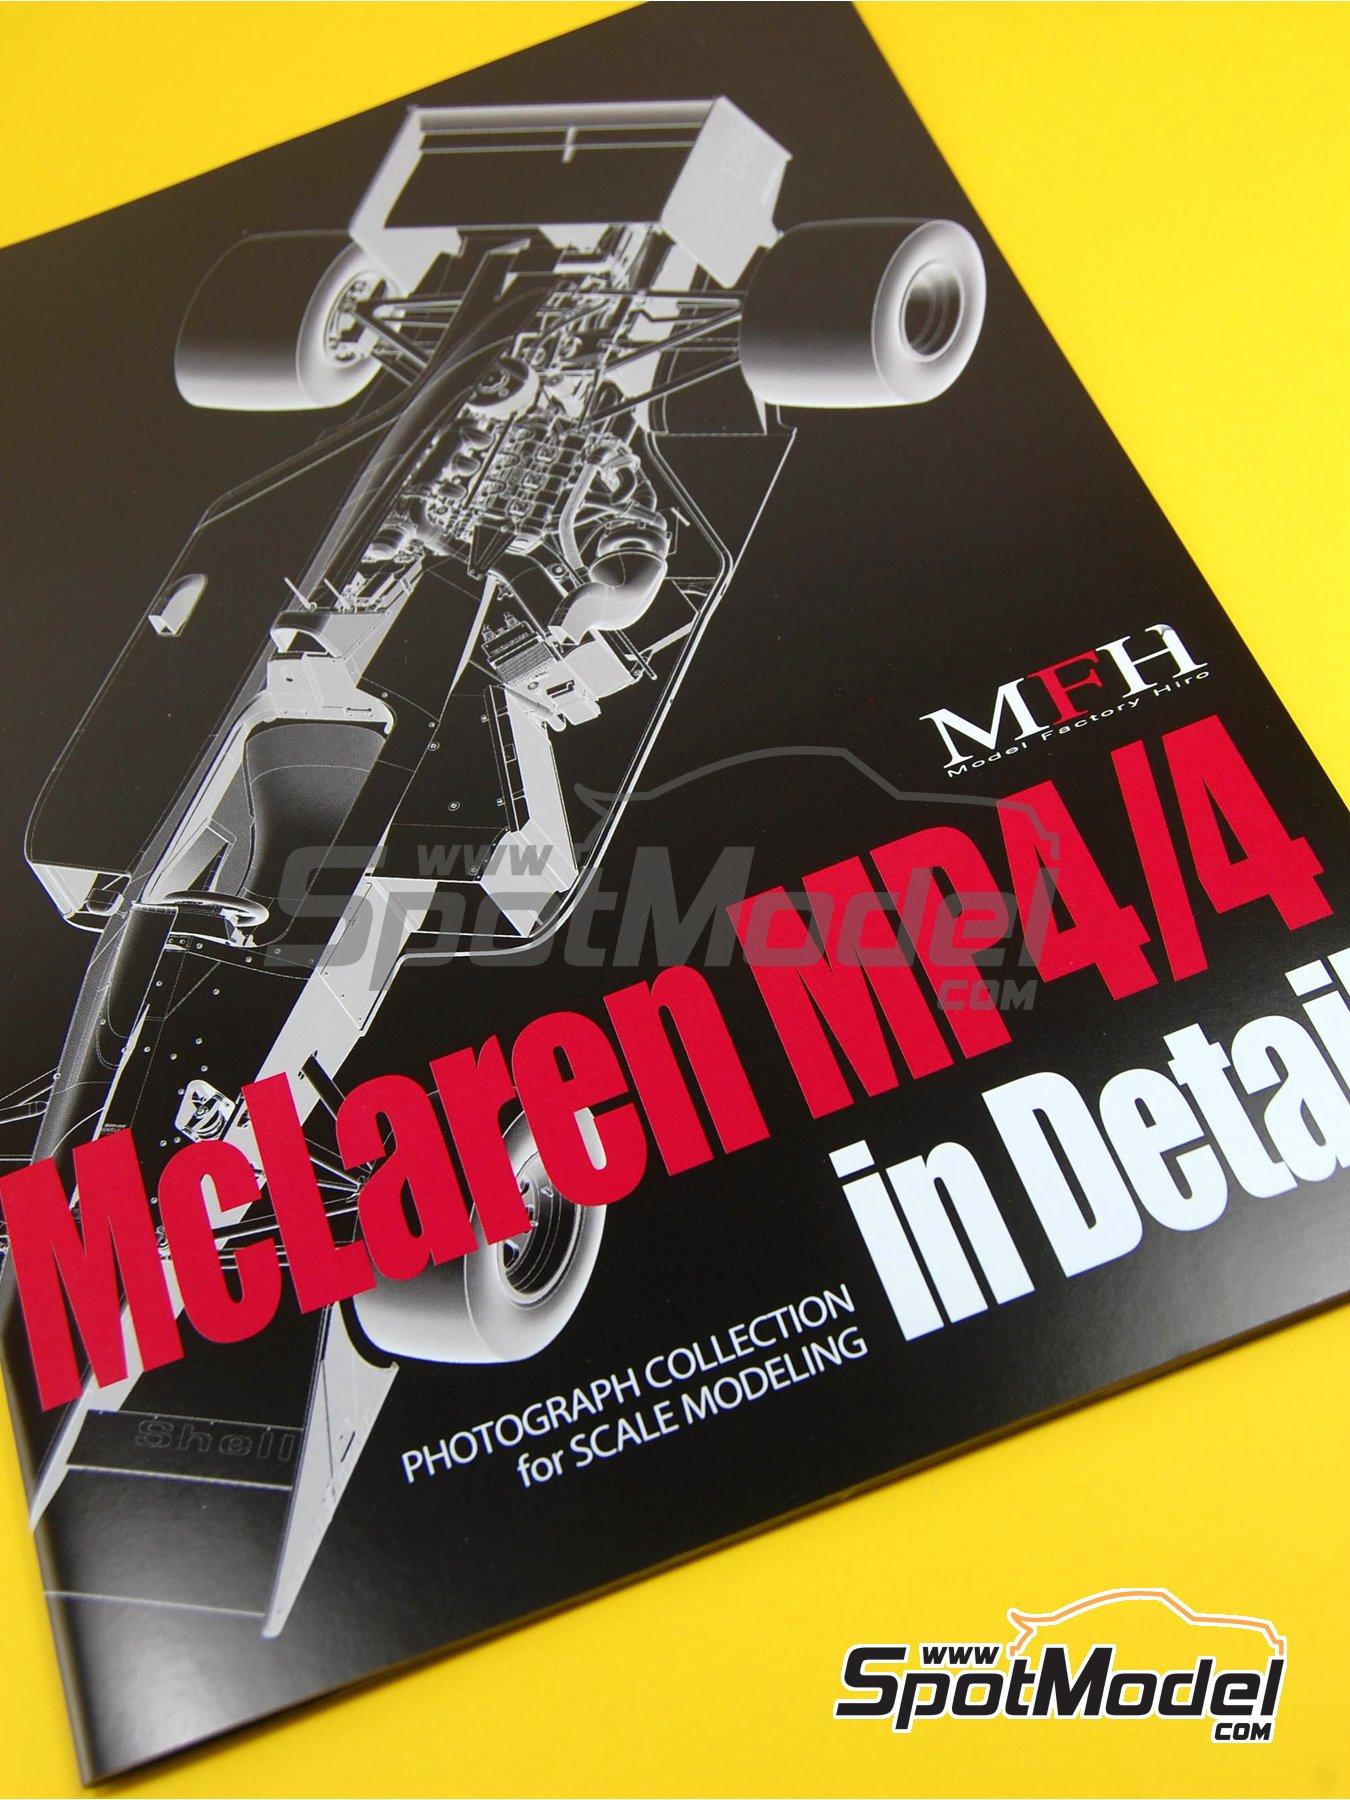 McLaren Honda MP4/4 Marlboro - Campeonato del Mundo de Formula1 1988 | Libro de referencia fabricado por Model Factory Hiro (ref.MFH-MHB-1) image